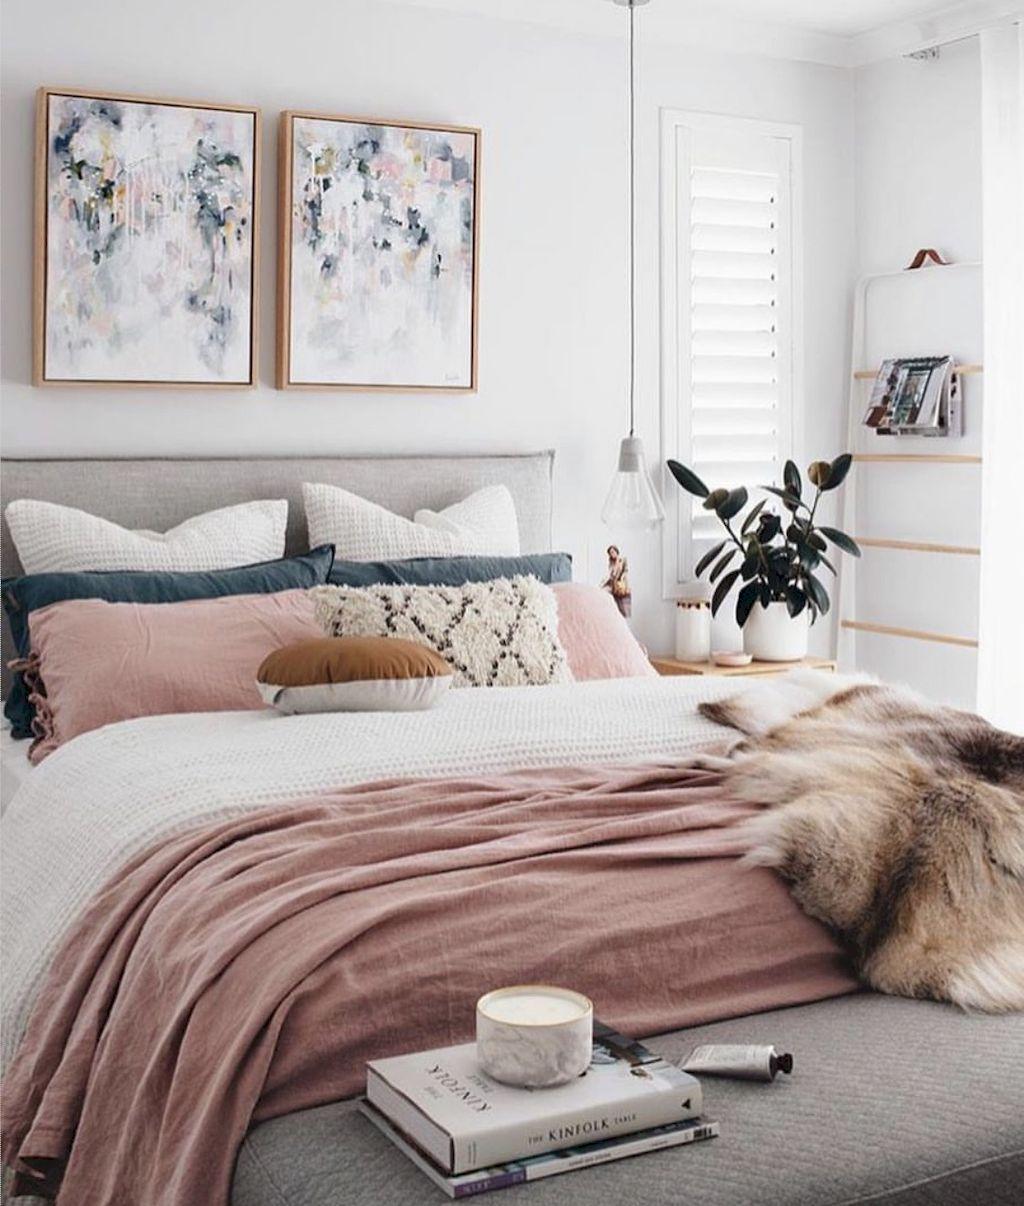 Pin By Victoria Edmans On Hy Home Pinterest Habitación Moderna Recamara And Colores Para Dormitorio